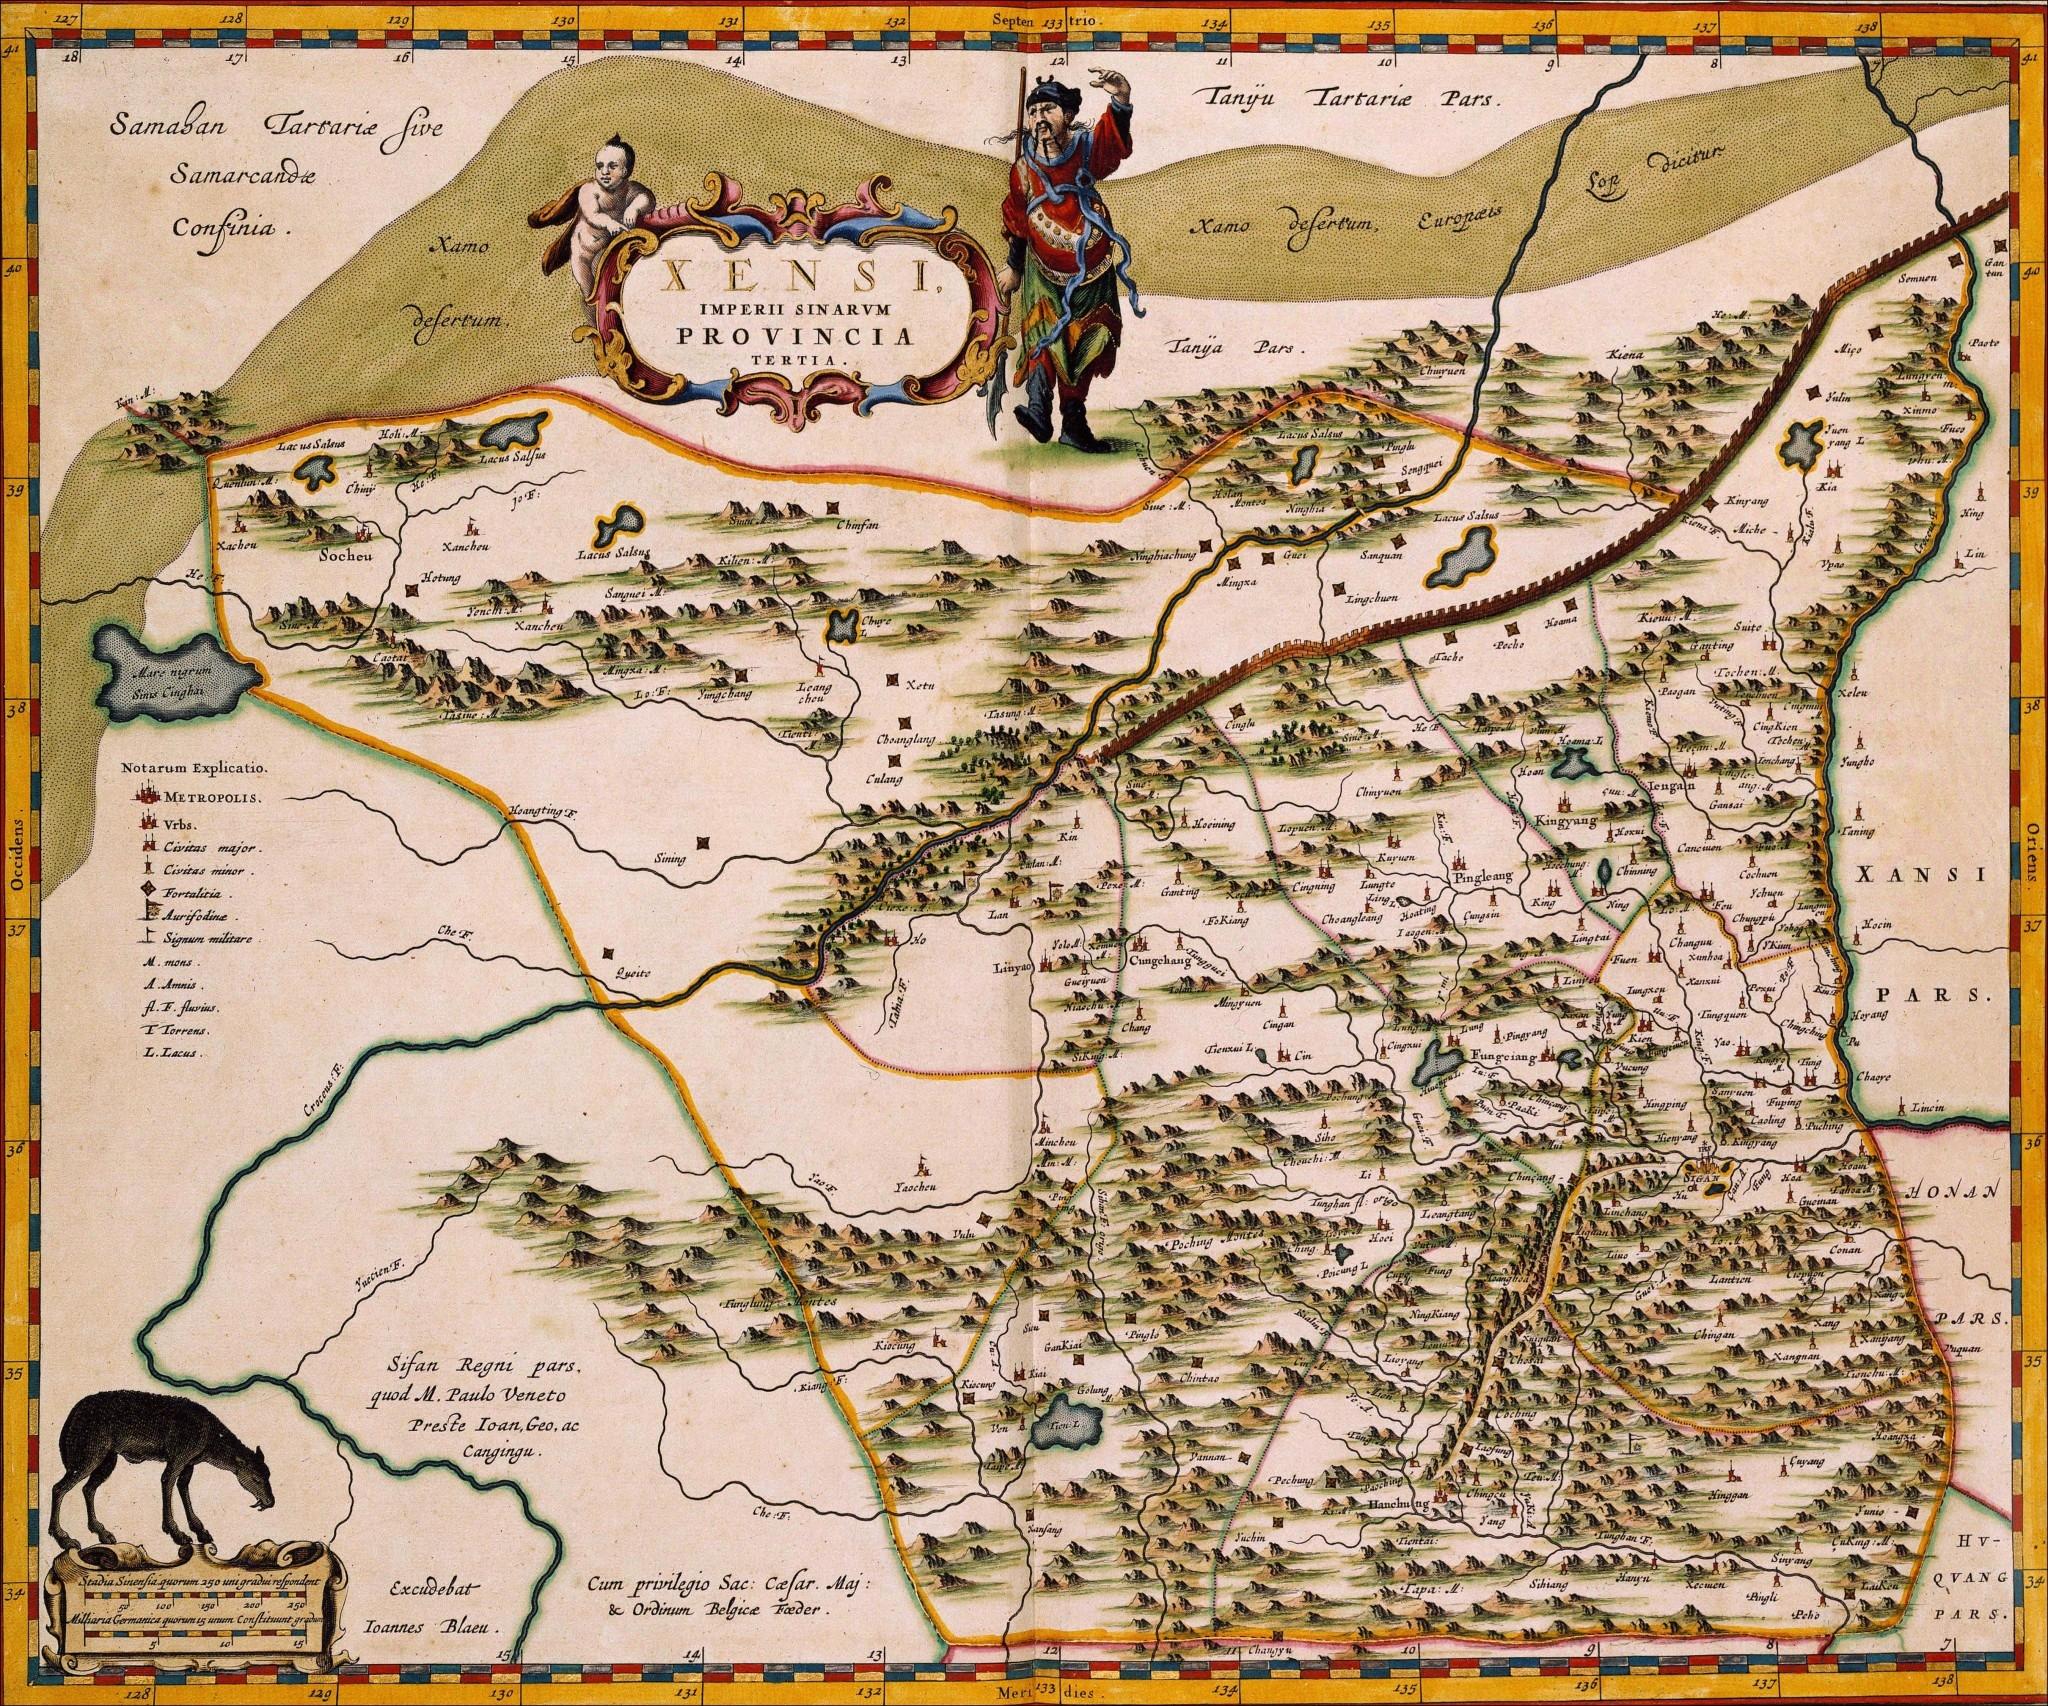 如今凭借各种科技手段,绘制浏览地图似乎很轻松,但是在古代,人们被束缚在大地上,制作地图的难度可想而知,但即便如此,古代人凭借自己的智慧和努力,仍然给我们留下了一笔笔宝贵的财富,无论中外。 近代史上,中外科技水平越拉越大,地图方面我们更是被甩了N条街。今天推荐的是,是一组极具收藏价值的地图《Atlas Maior》,来自荷兰制图学家Joan Blaeu,完成于1665年,分为11卷,总计包括594张地图,包括中国当时各个行省。 这些地图最初以拉丁文印制,具有经典的巴洛克风格,还绘有当时中国人的很多形象,非常